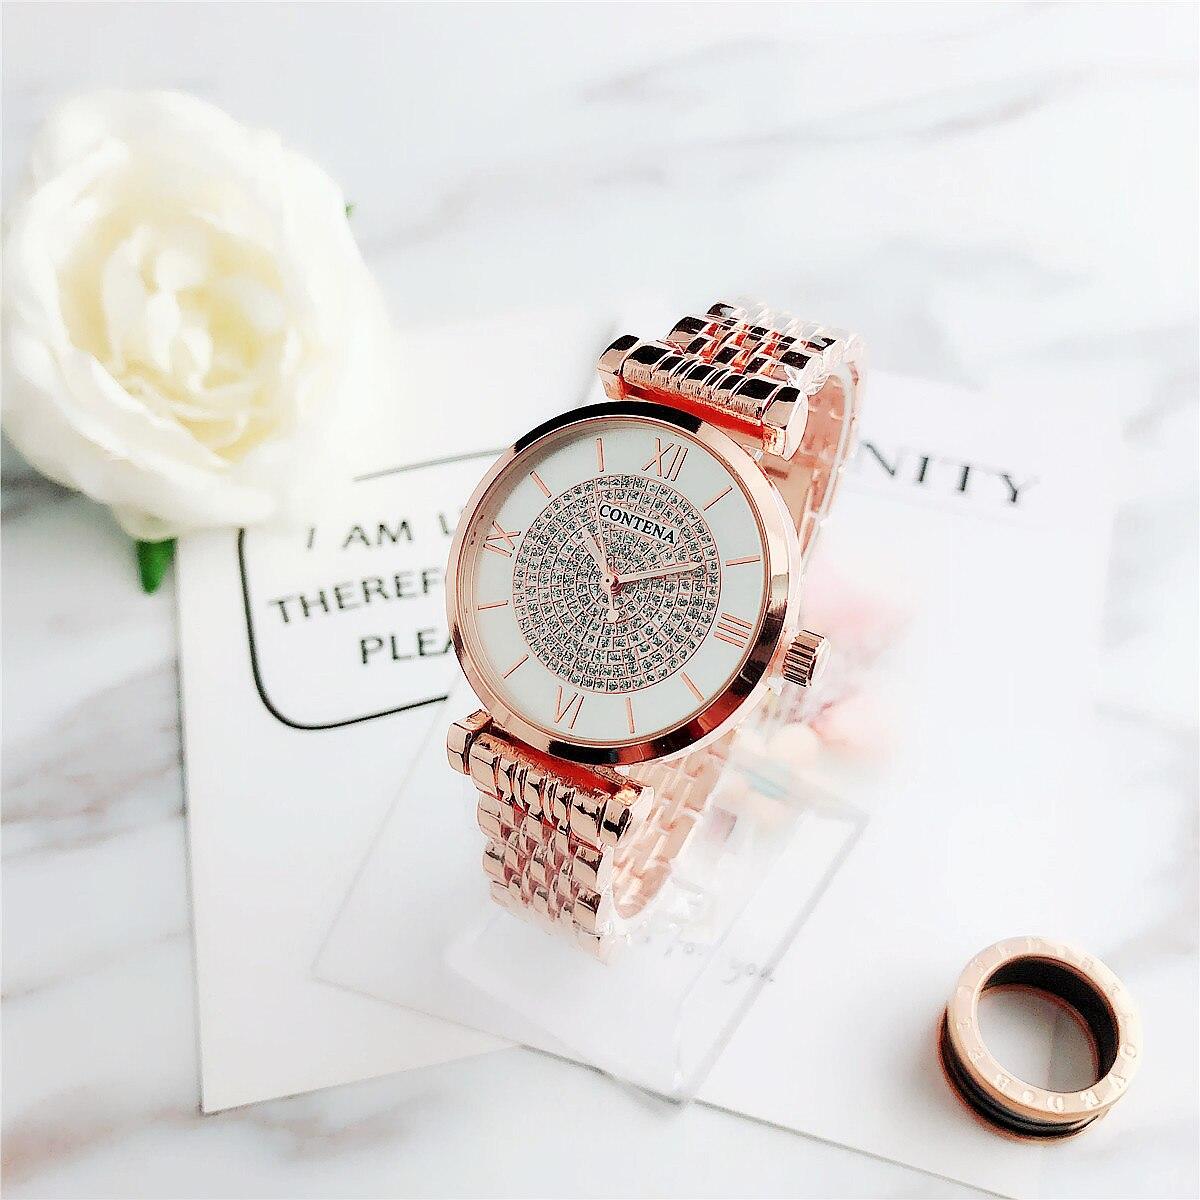 ¡Novedad! ¡Nuevo producto! Reloj de pulsera de lujo para Mujer de CONTENA Saati Montre Relojes de lujo 2020 Zapatillas planas para mujer, zapatillas blancas ligeras, zapatillas informales de verano y otoño para mujer